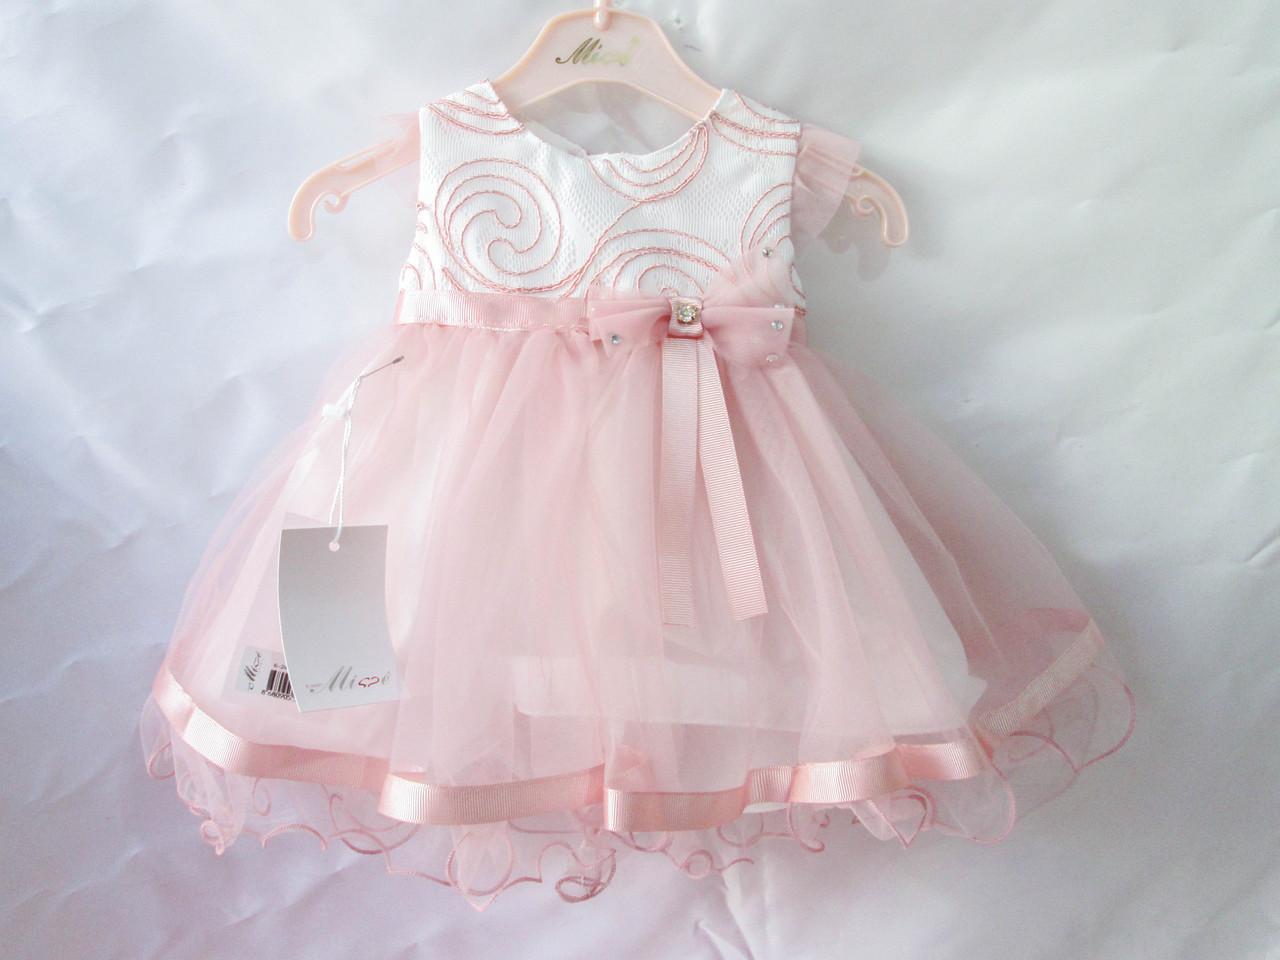 bb676c19d30 Платья детские нарядные на 6-18 месяцев с юбкой из фатина и бантом -  Интернет